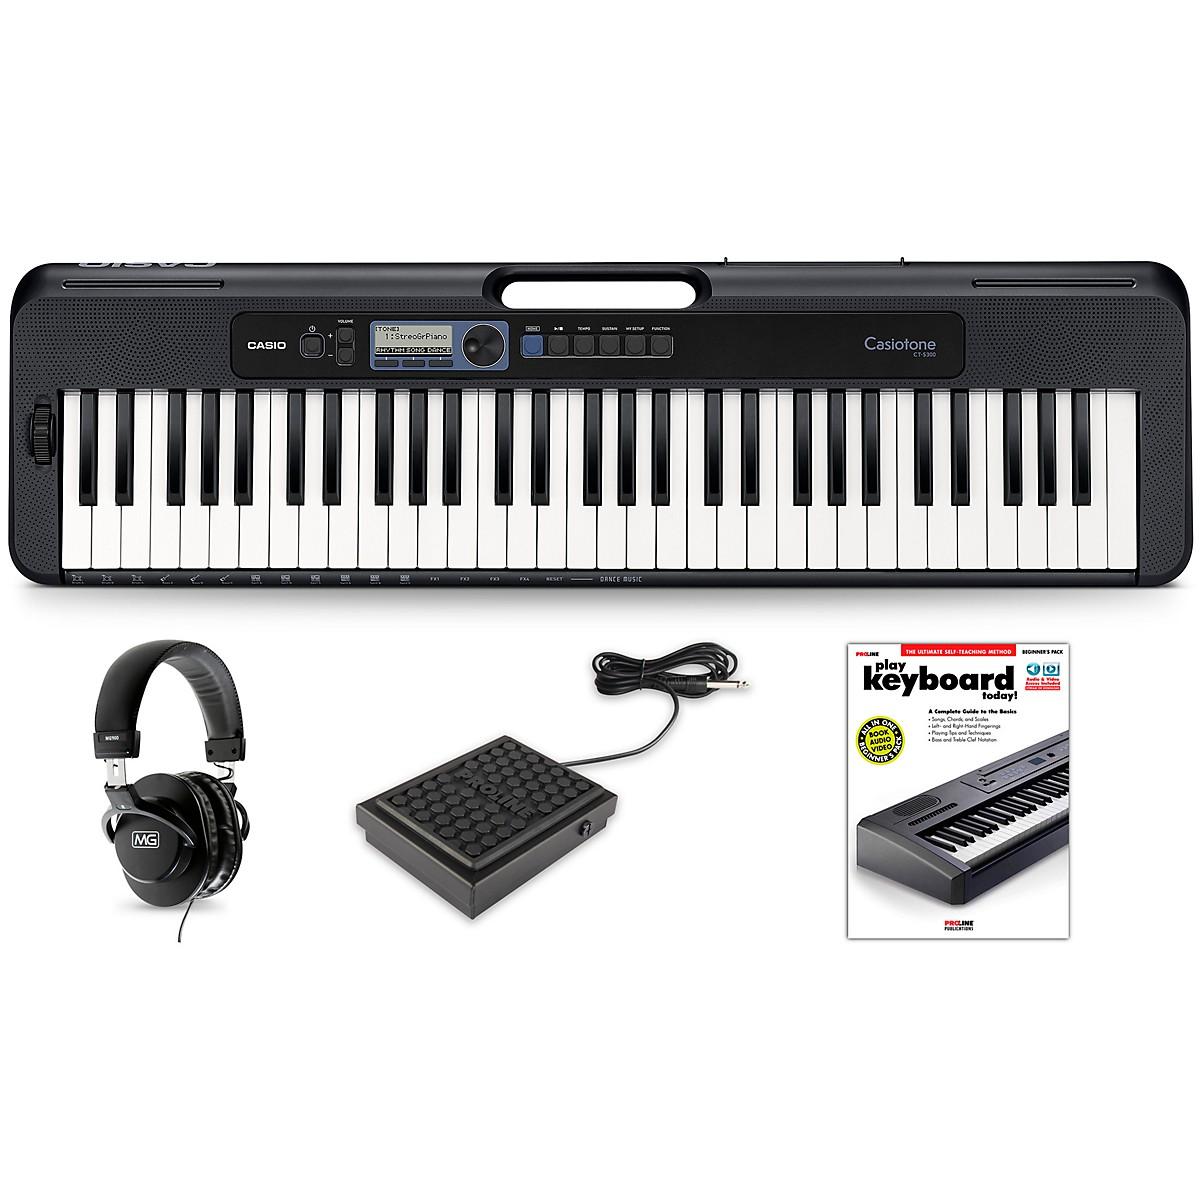 Casio Casiotone CT-S300 Keyboard Essentials Kit